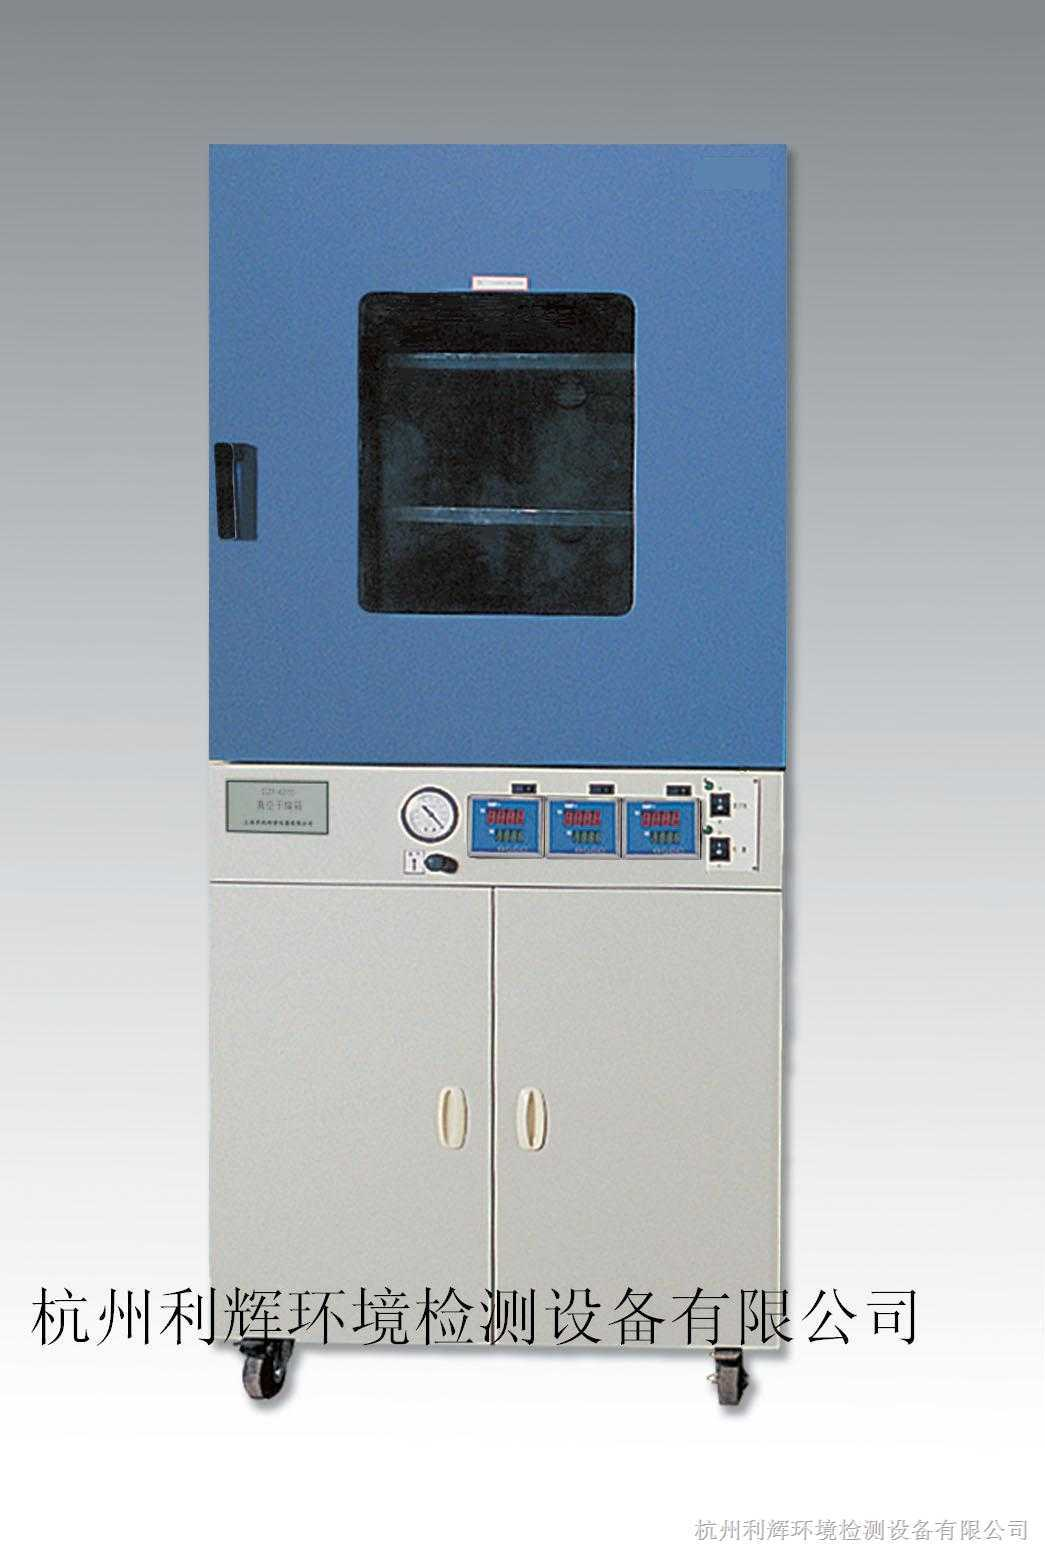 DZF-6050-真空箱系列产品